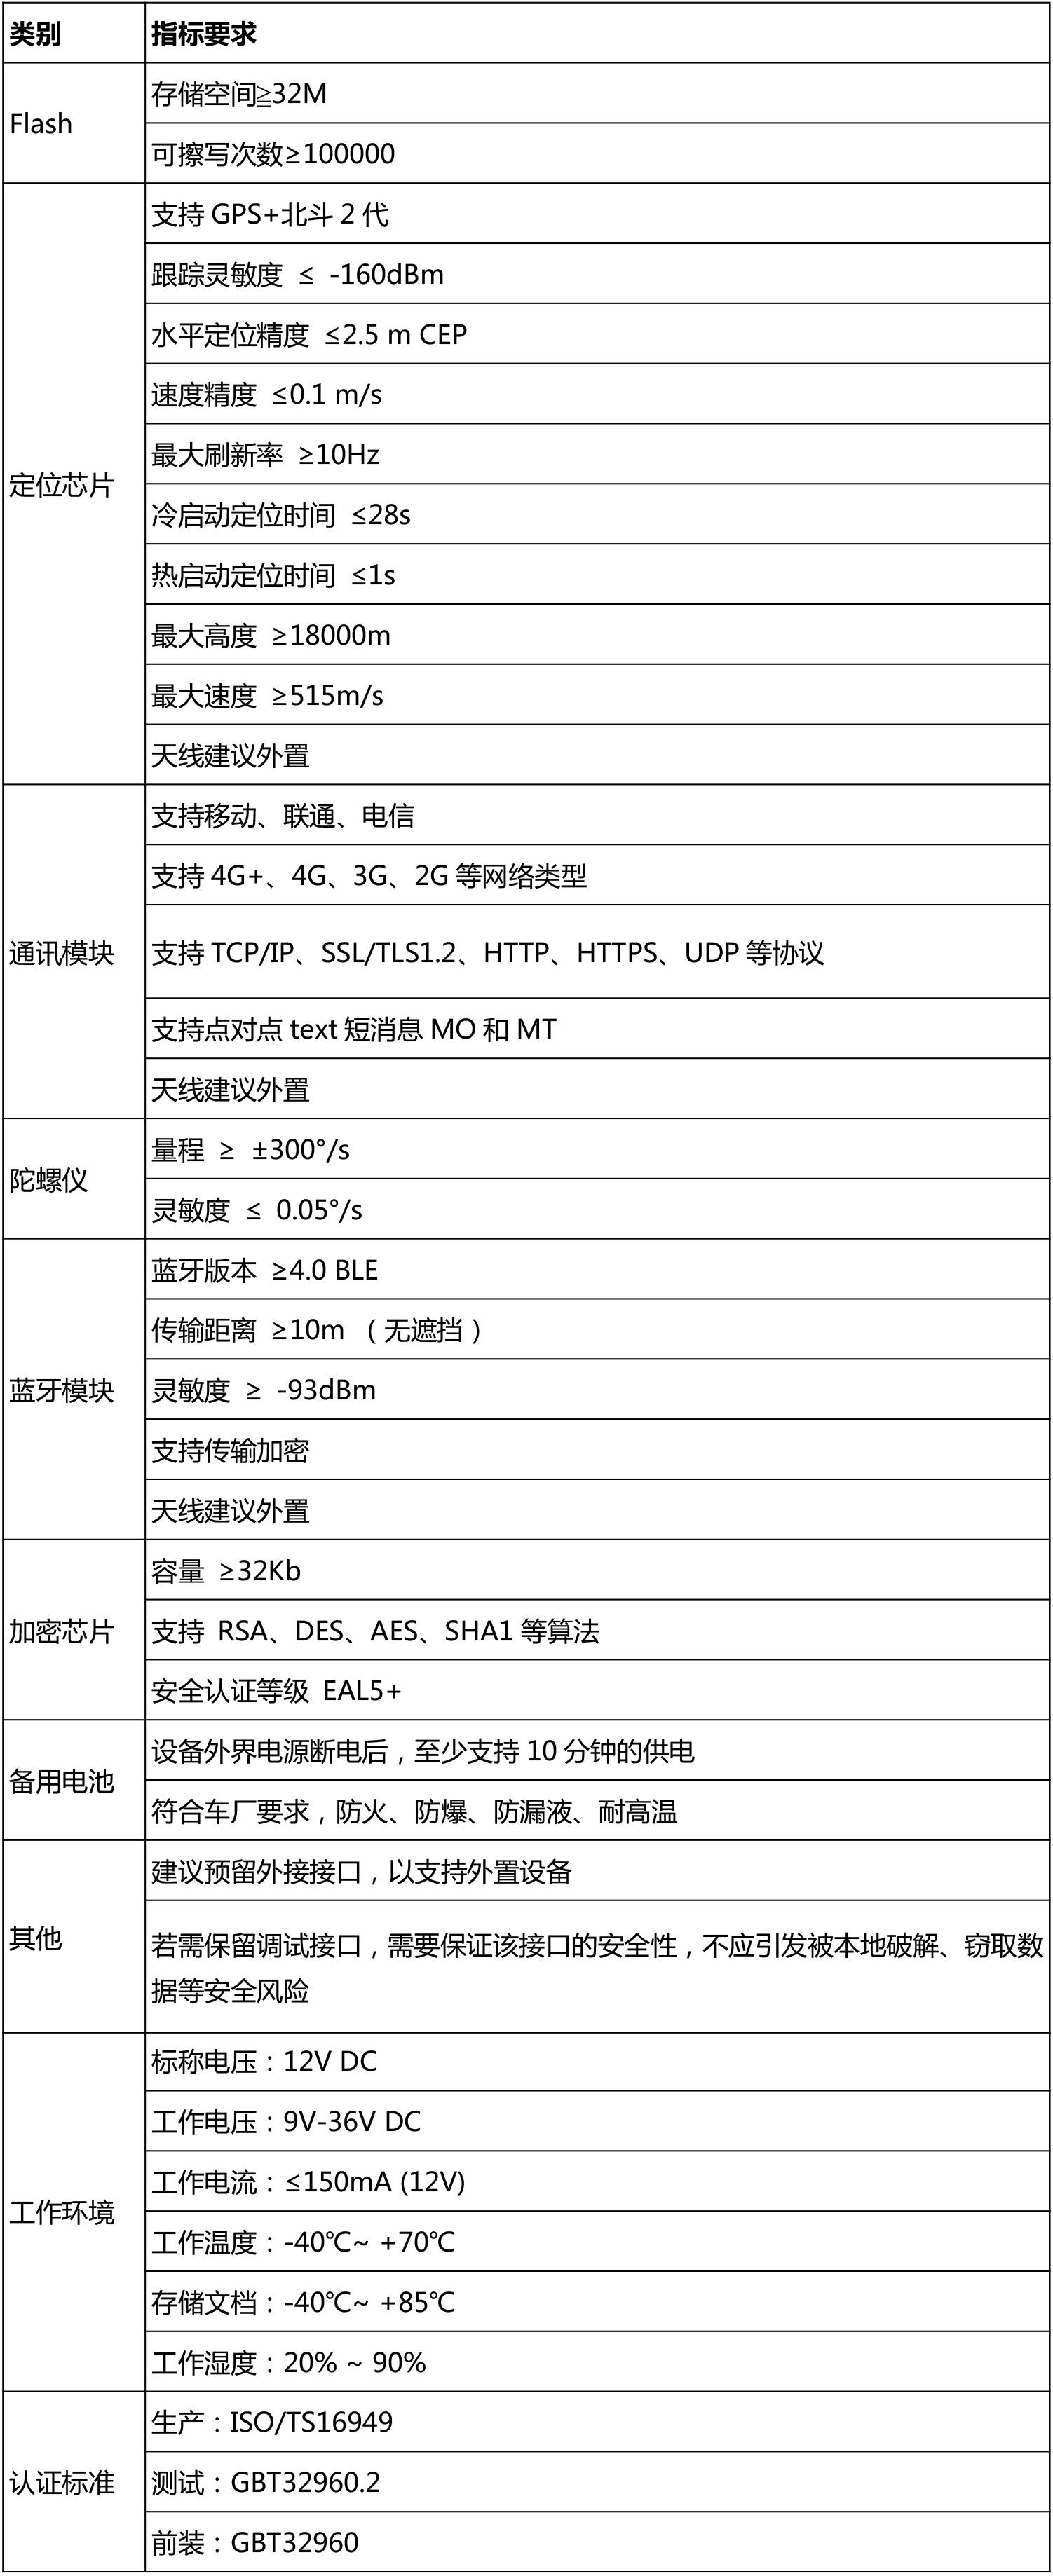 指标和主要功能.jpg 车载远程信息终端 车身控制 1